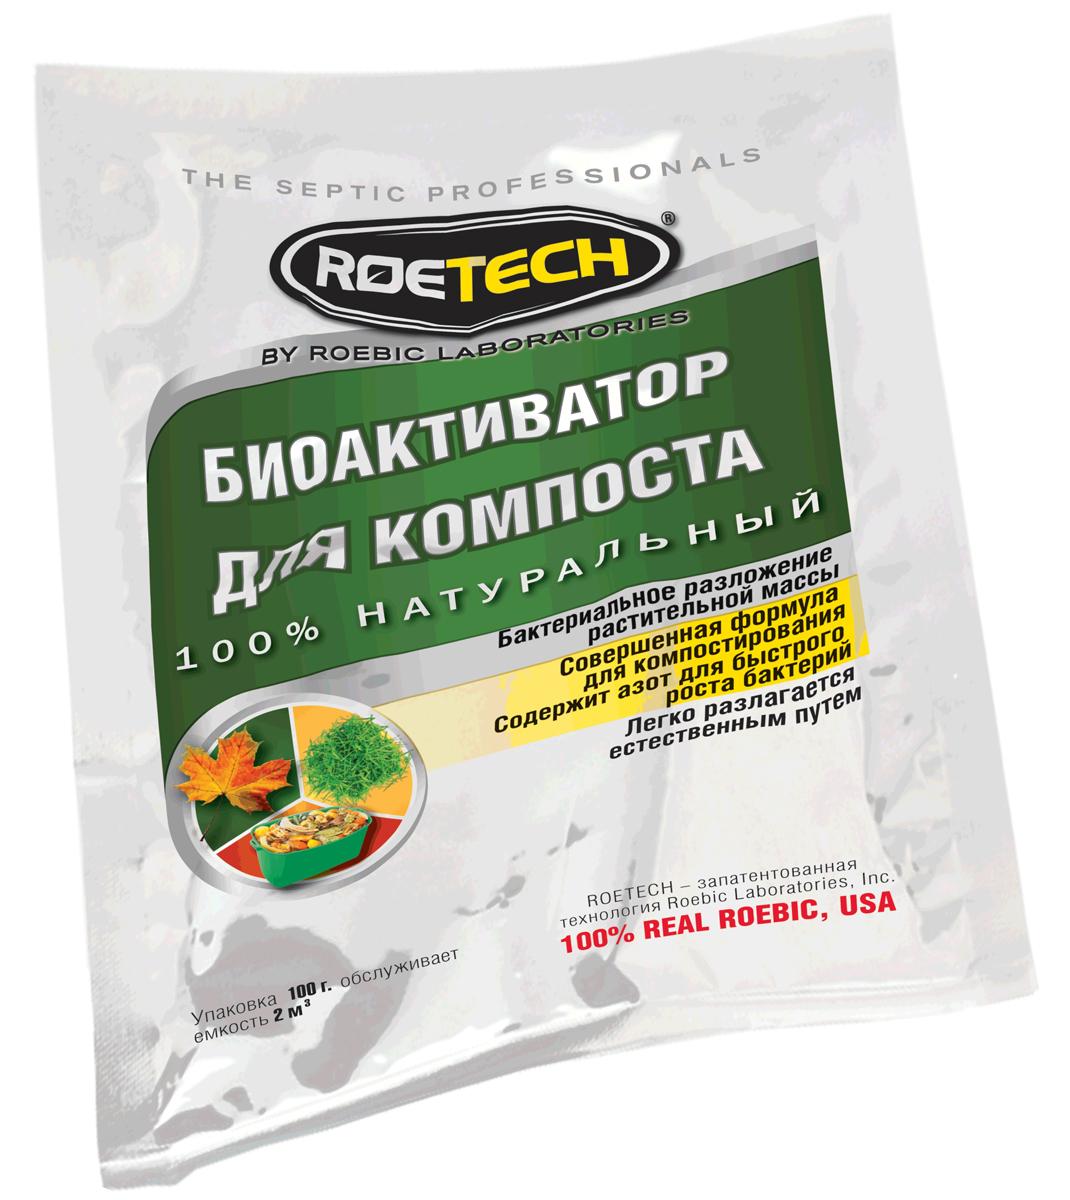 """Фото БиоАктиватор для компоста """"Roetech"""", 100 г. Купить  в РФ"""